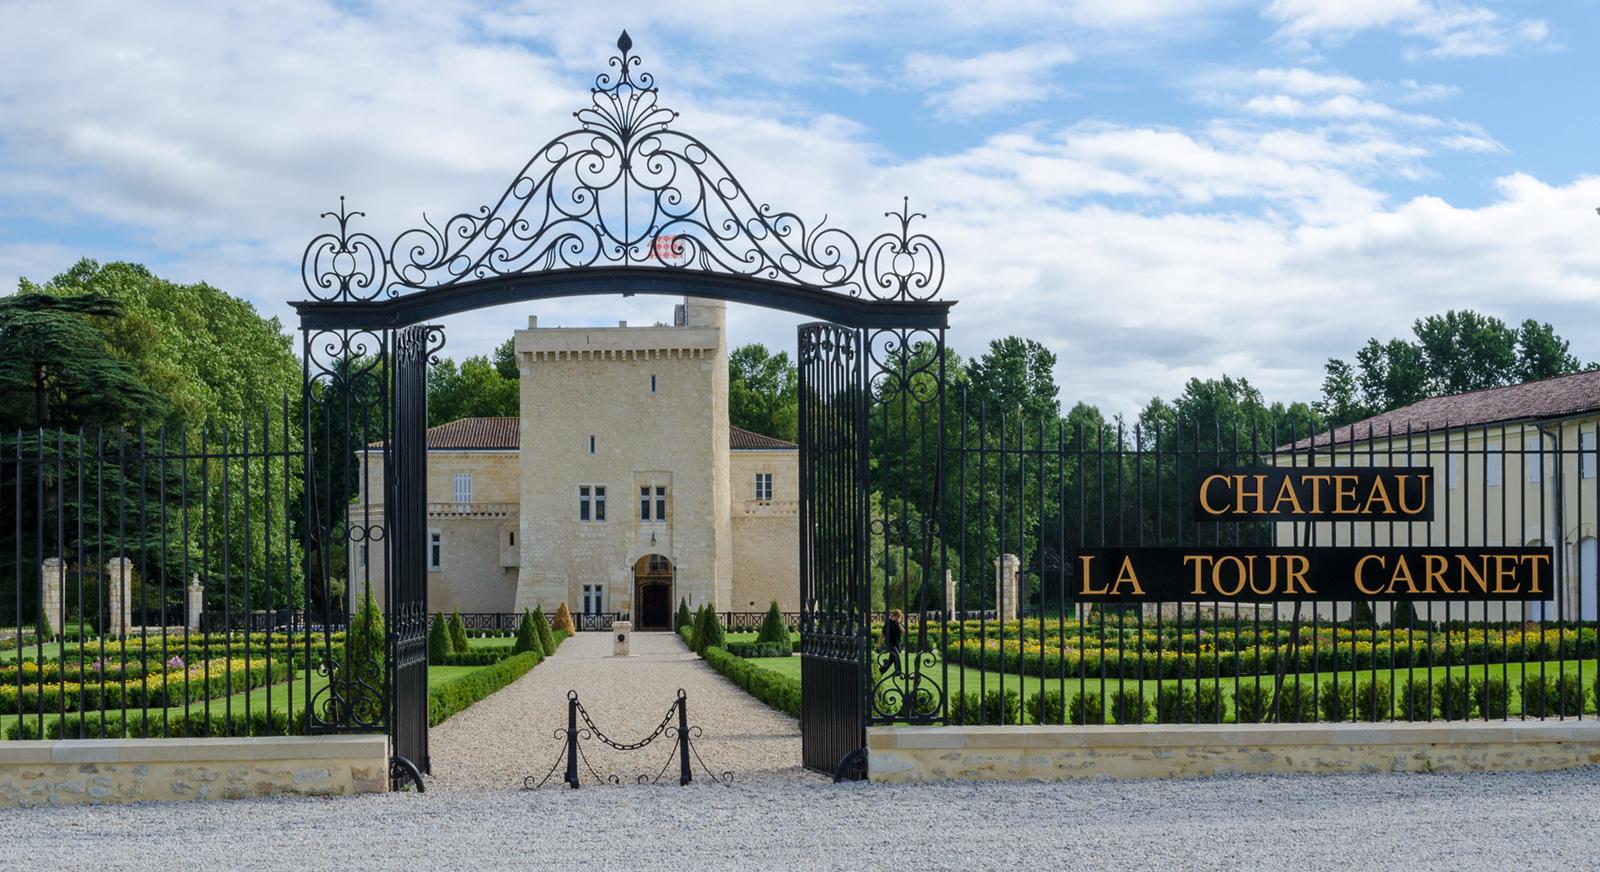 Château la tour carnet - Haut médoc - Netvin